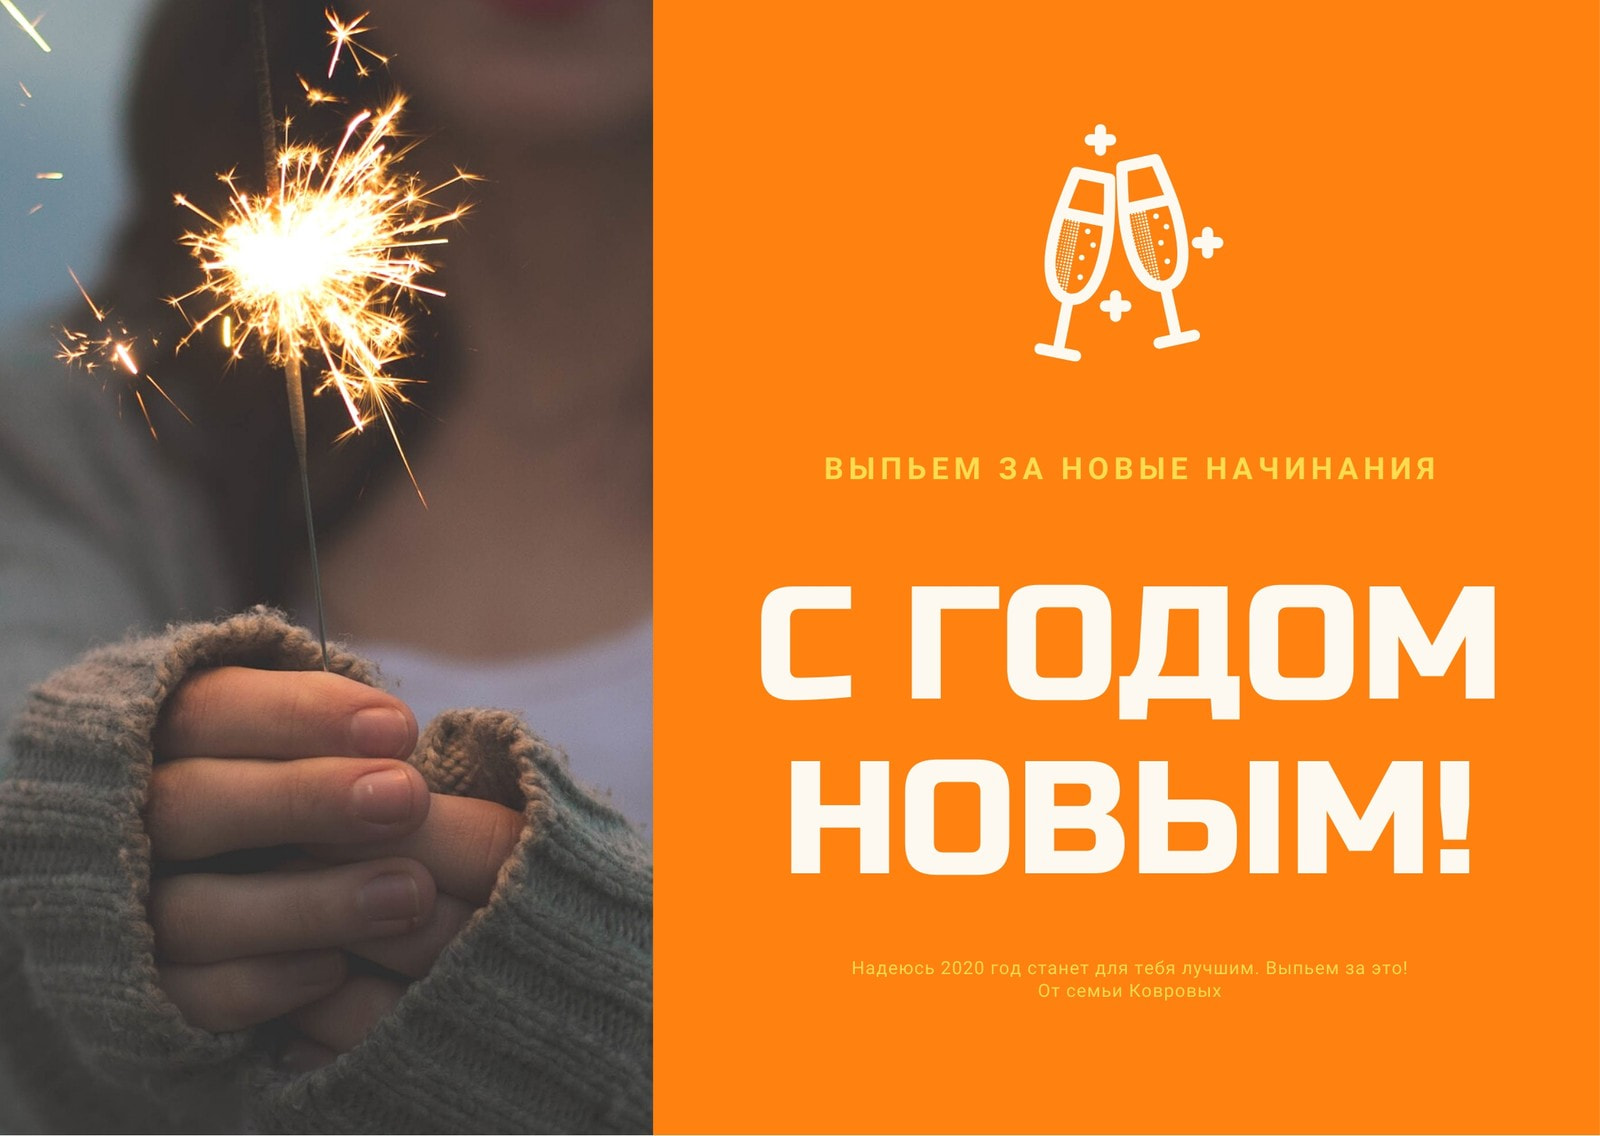 Оранжевый и Желтый Тост Фотография Новогодняя Открытка